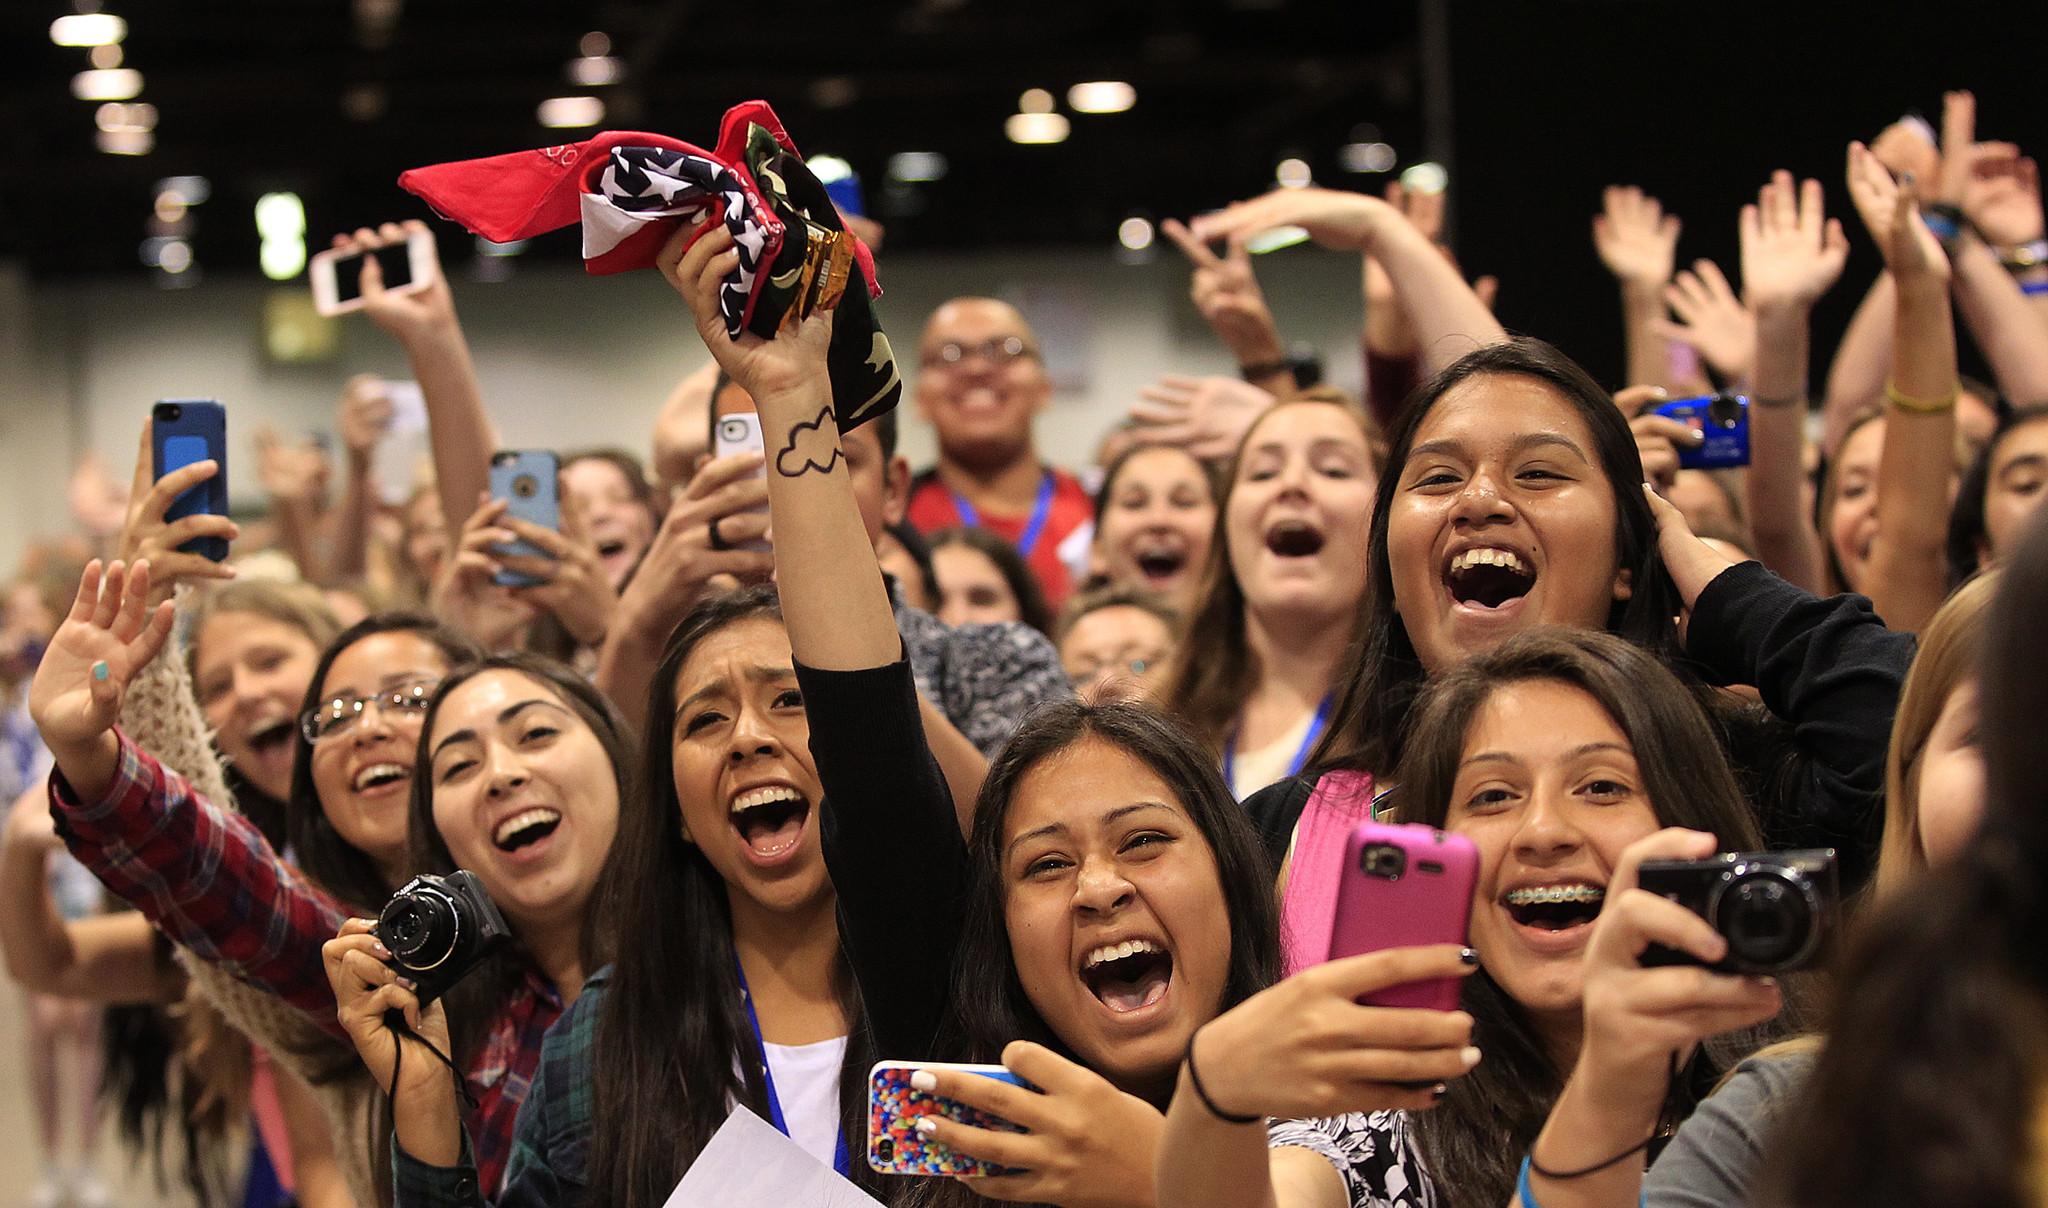 Girls fan pic 39